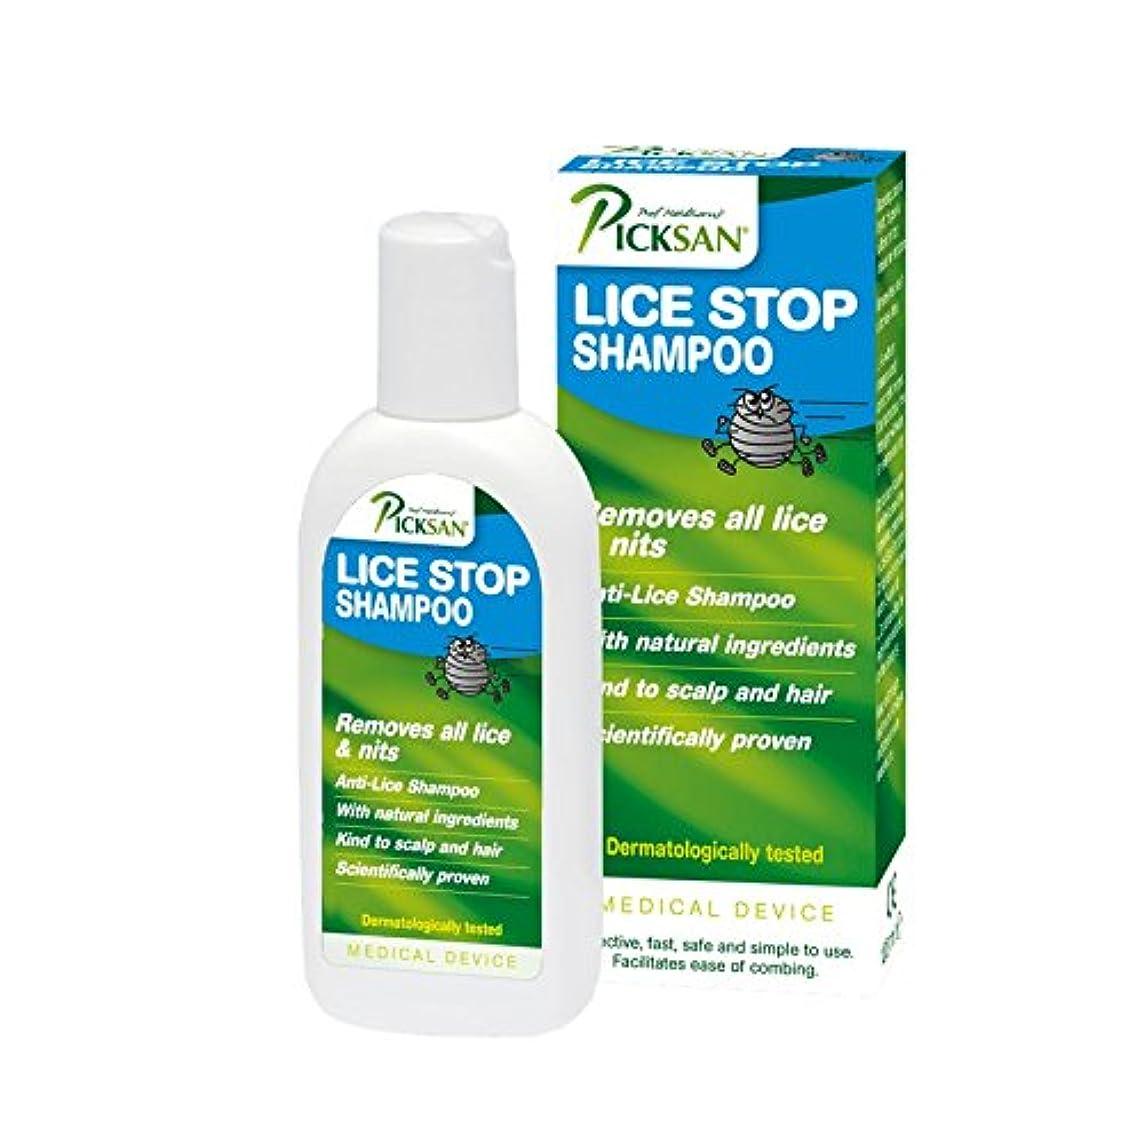 締めるボランティアブルジョンDS Healthcare Picksan Lice Stop Shampoo (Pack of 2) - Ds医療Picksanシラミ停止シャンプー (x2) [並行輸入品]